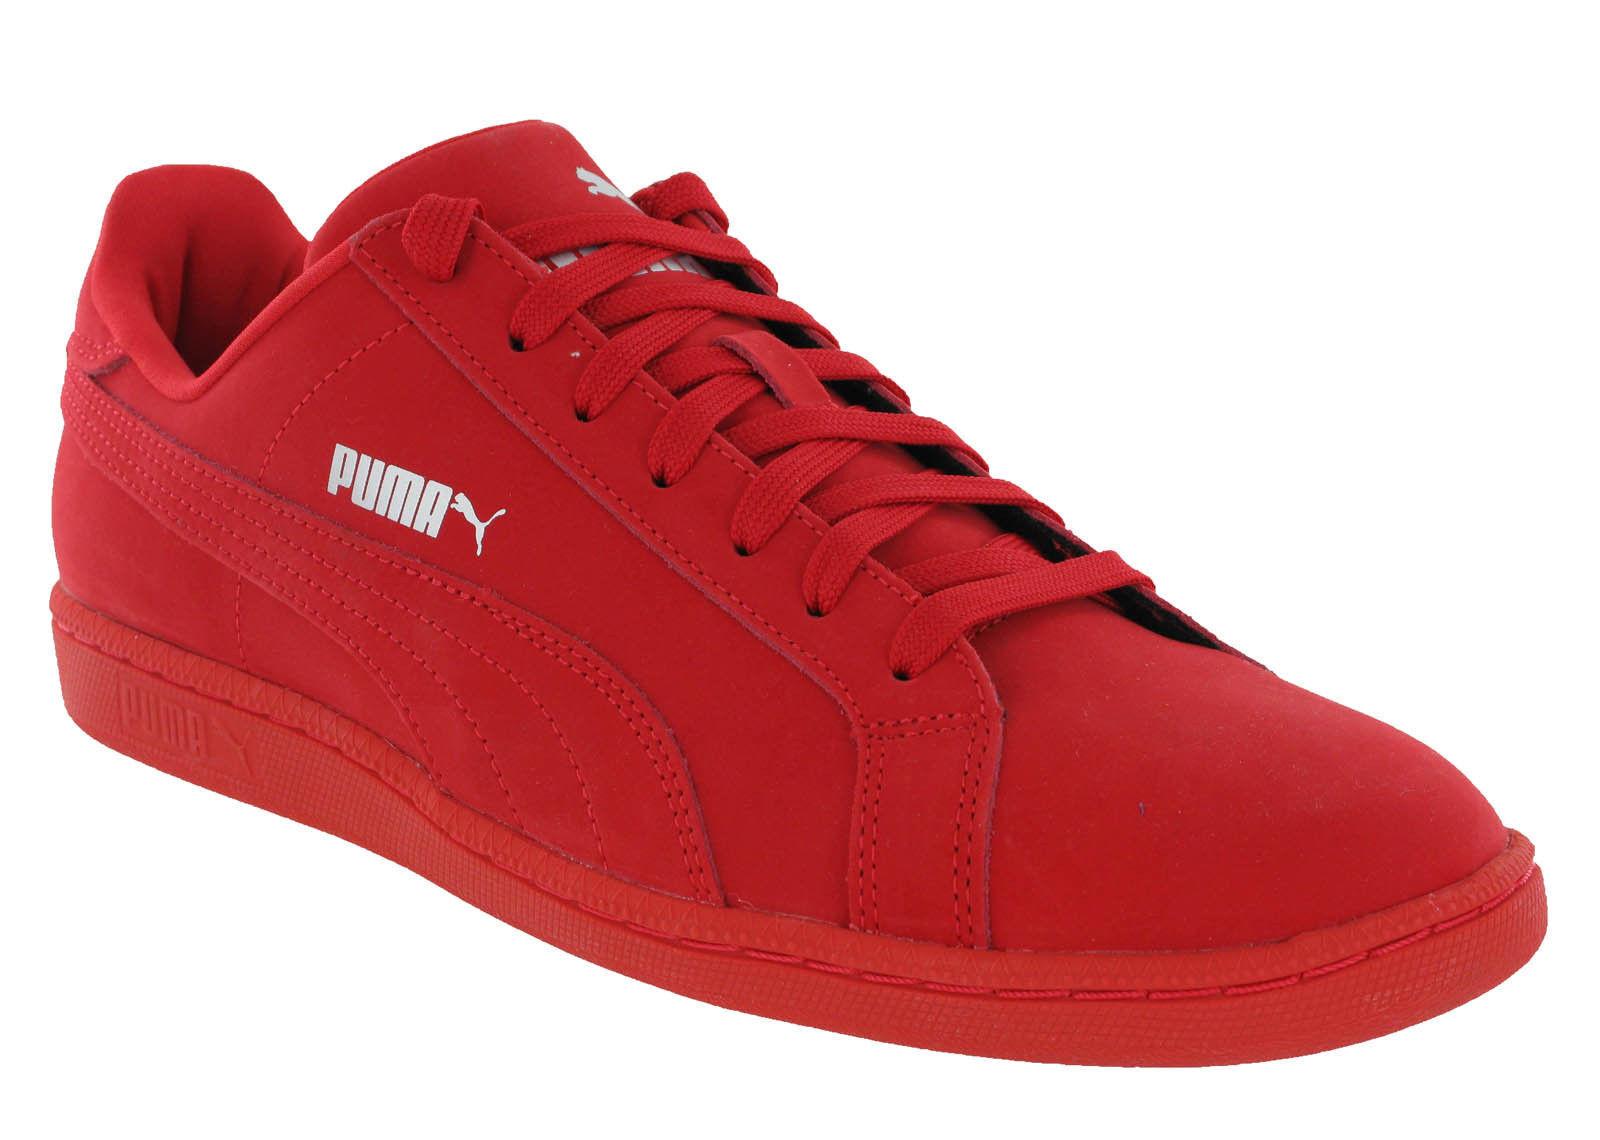 Puma Smash Buck Mono Hohes Risiko ROT FREIZEIT LO Jungen Turnschuhe Schuhe UK